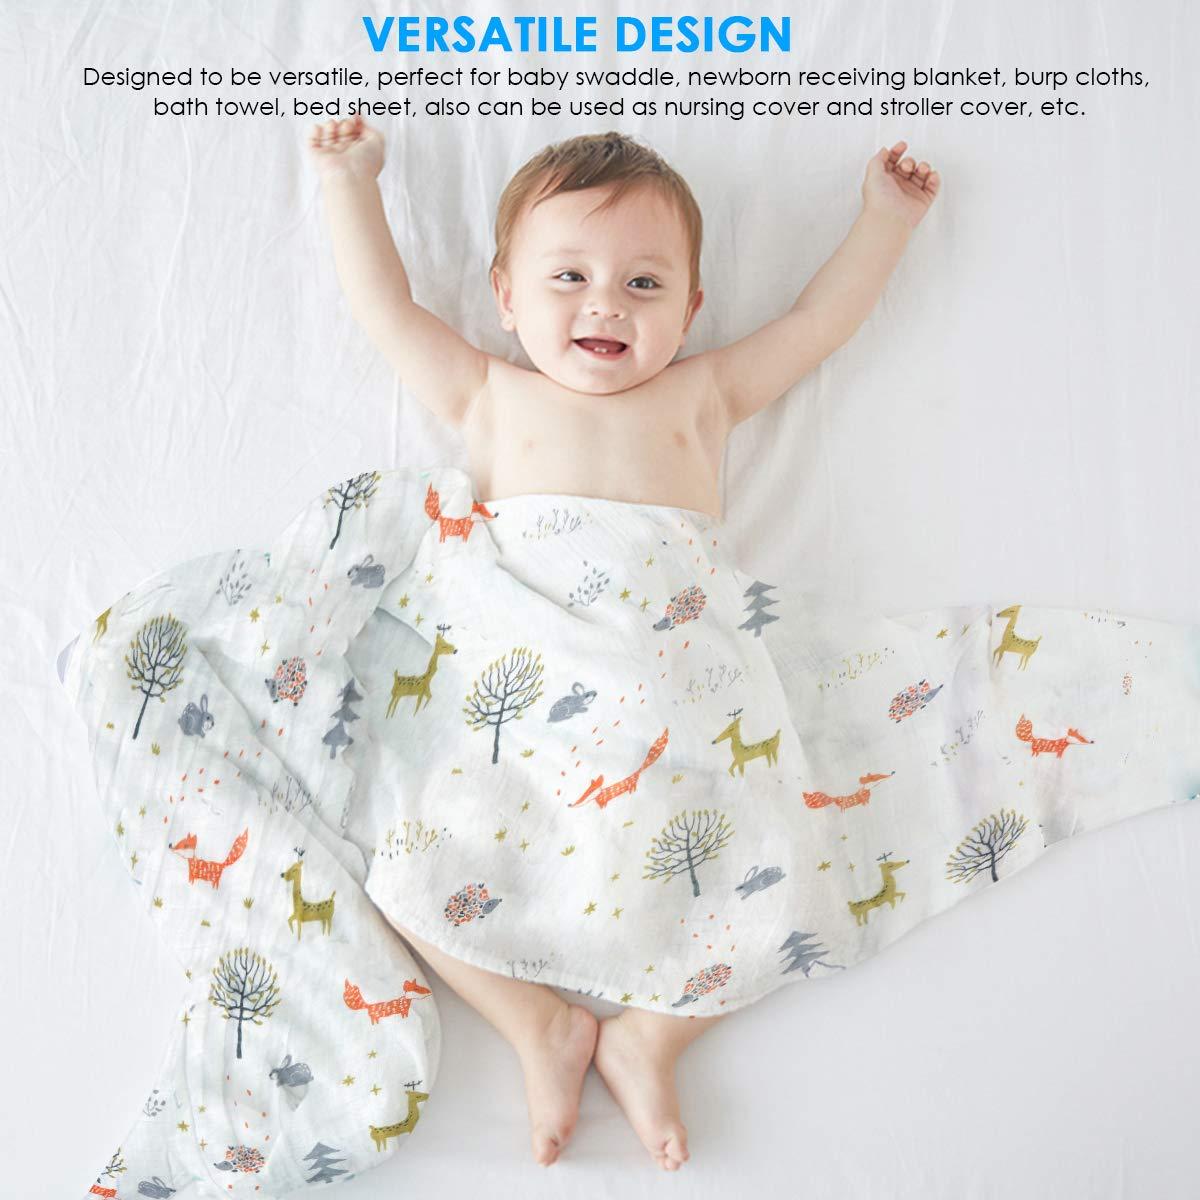 para ni/ños Regalos de ni/ñas 47x47 4Pcs Swaddle para beb/é unisex manta de dibujos animados con estampado de animales Reci/én nacido Recubrimiento de manta Super suave Mantas Swaddle de muselina